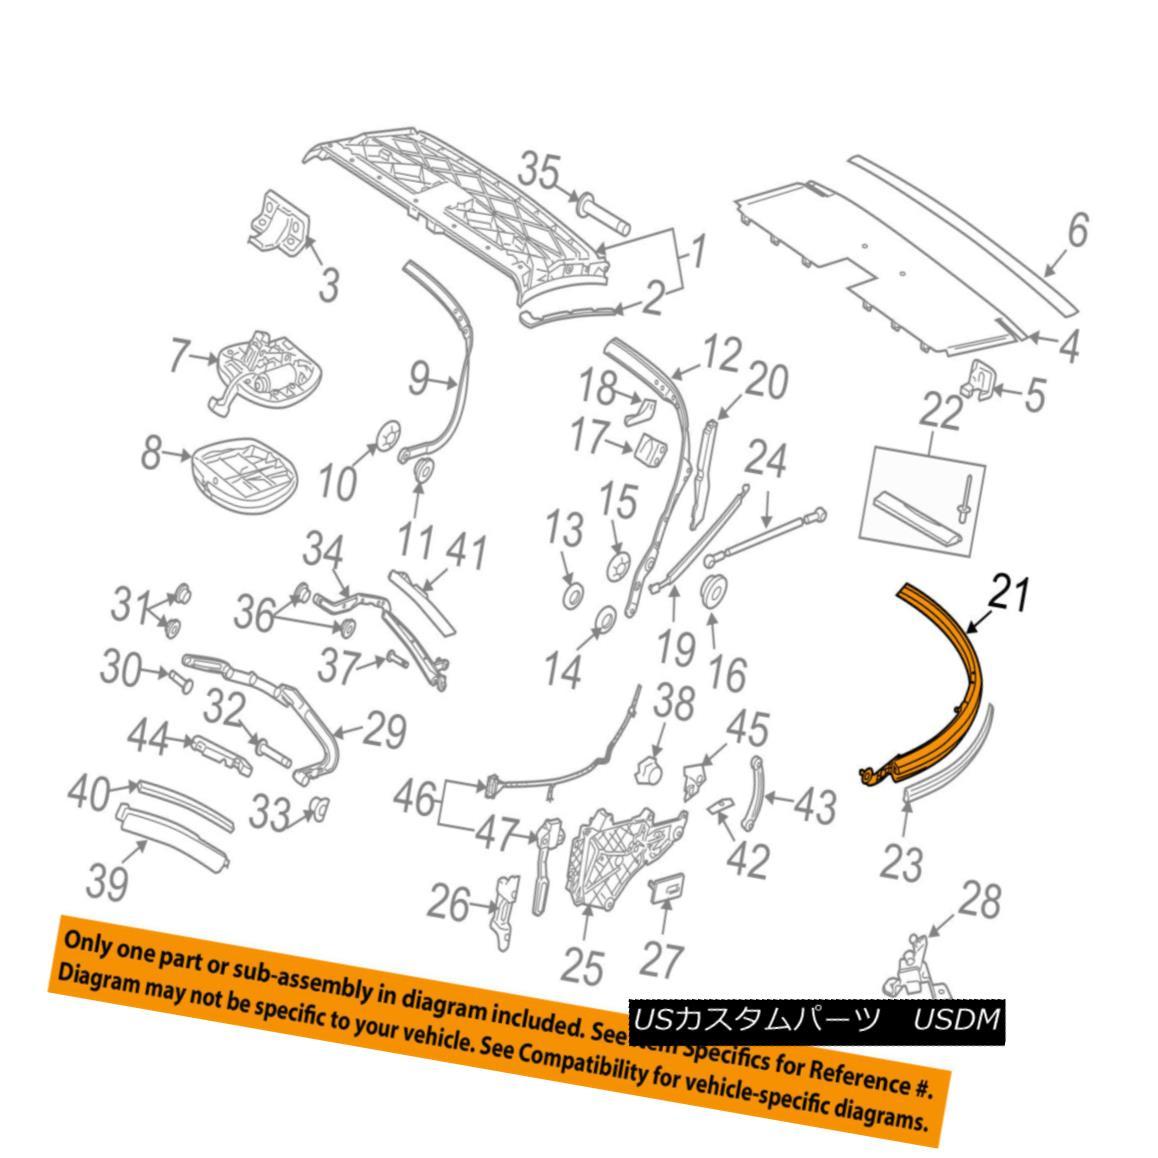 幌・ソフトトップ PORSCHE OEM 09-13 911 Convertible/soft Top-Rear Bow 99756194100 PORSCHE OEM 09-13 911コンバーチブル/ so ftトップ - リアボウ99756194100